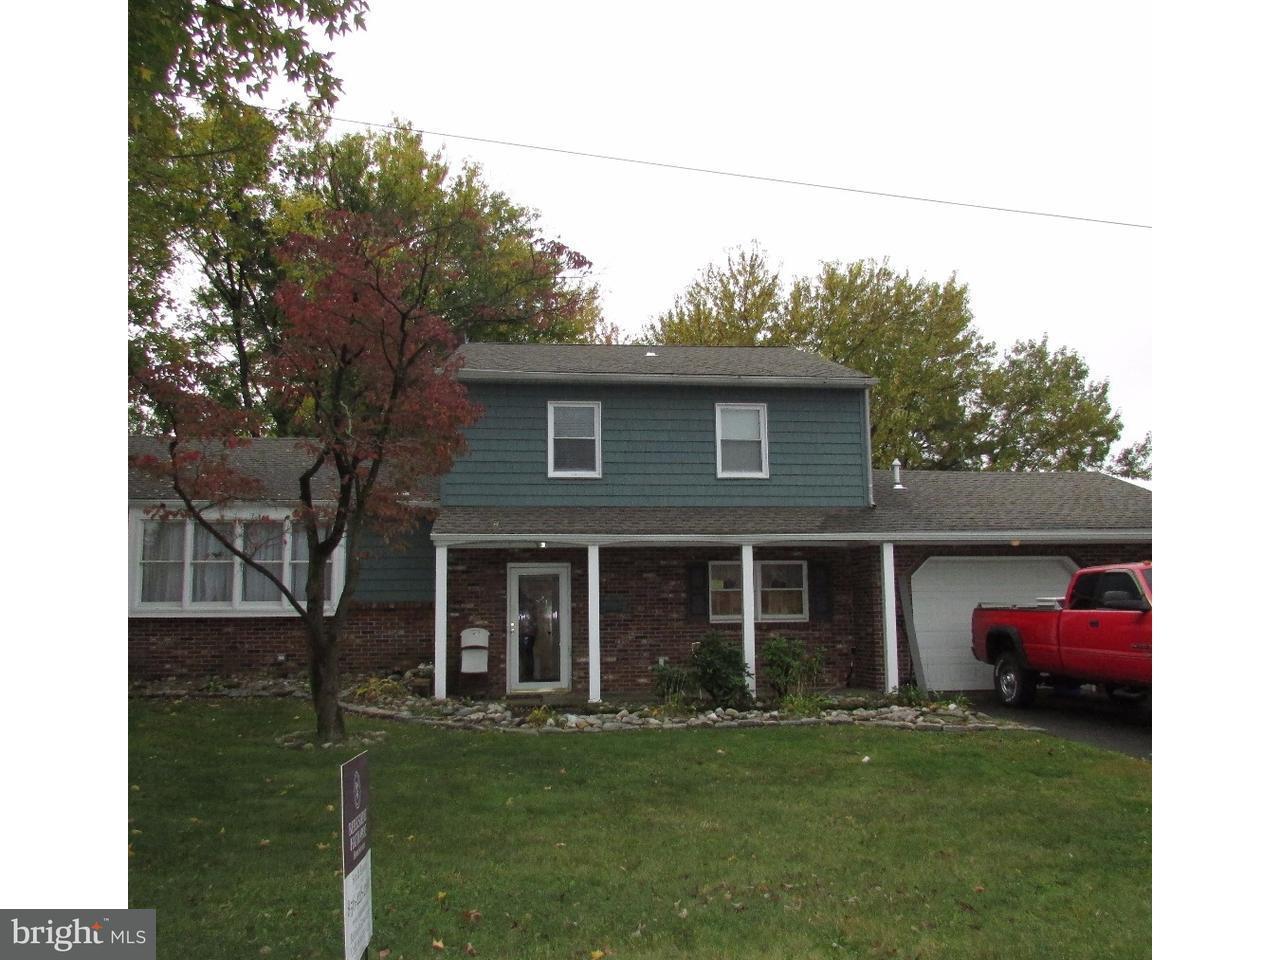 Tek Ailelik Ev için Satış at 110 TIMBER BLVD Brooklawn, New Jersey 08030 Amerika Birleşik Devletleri